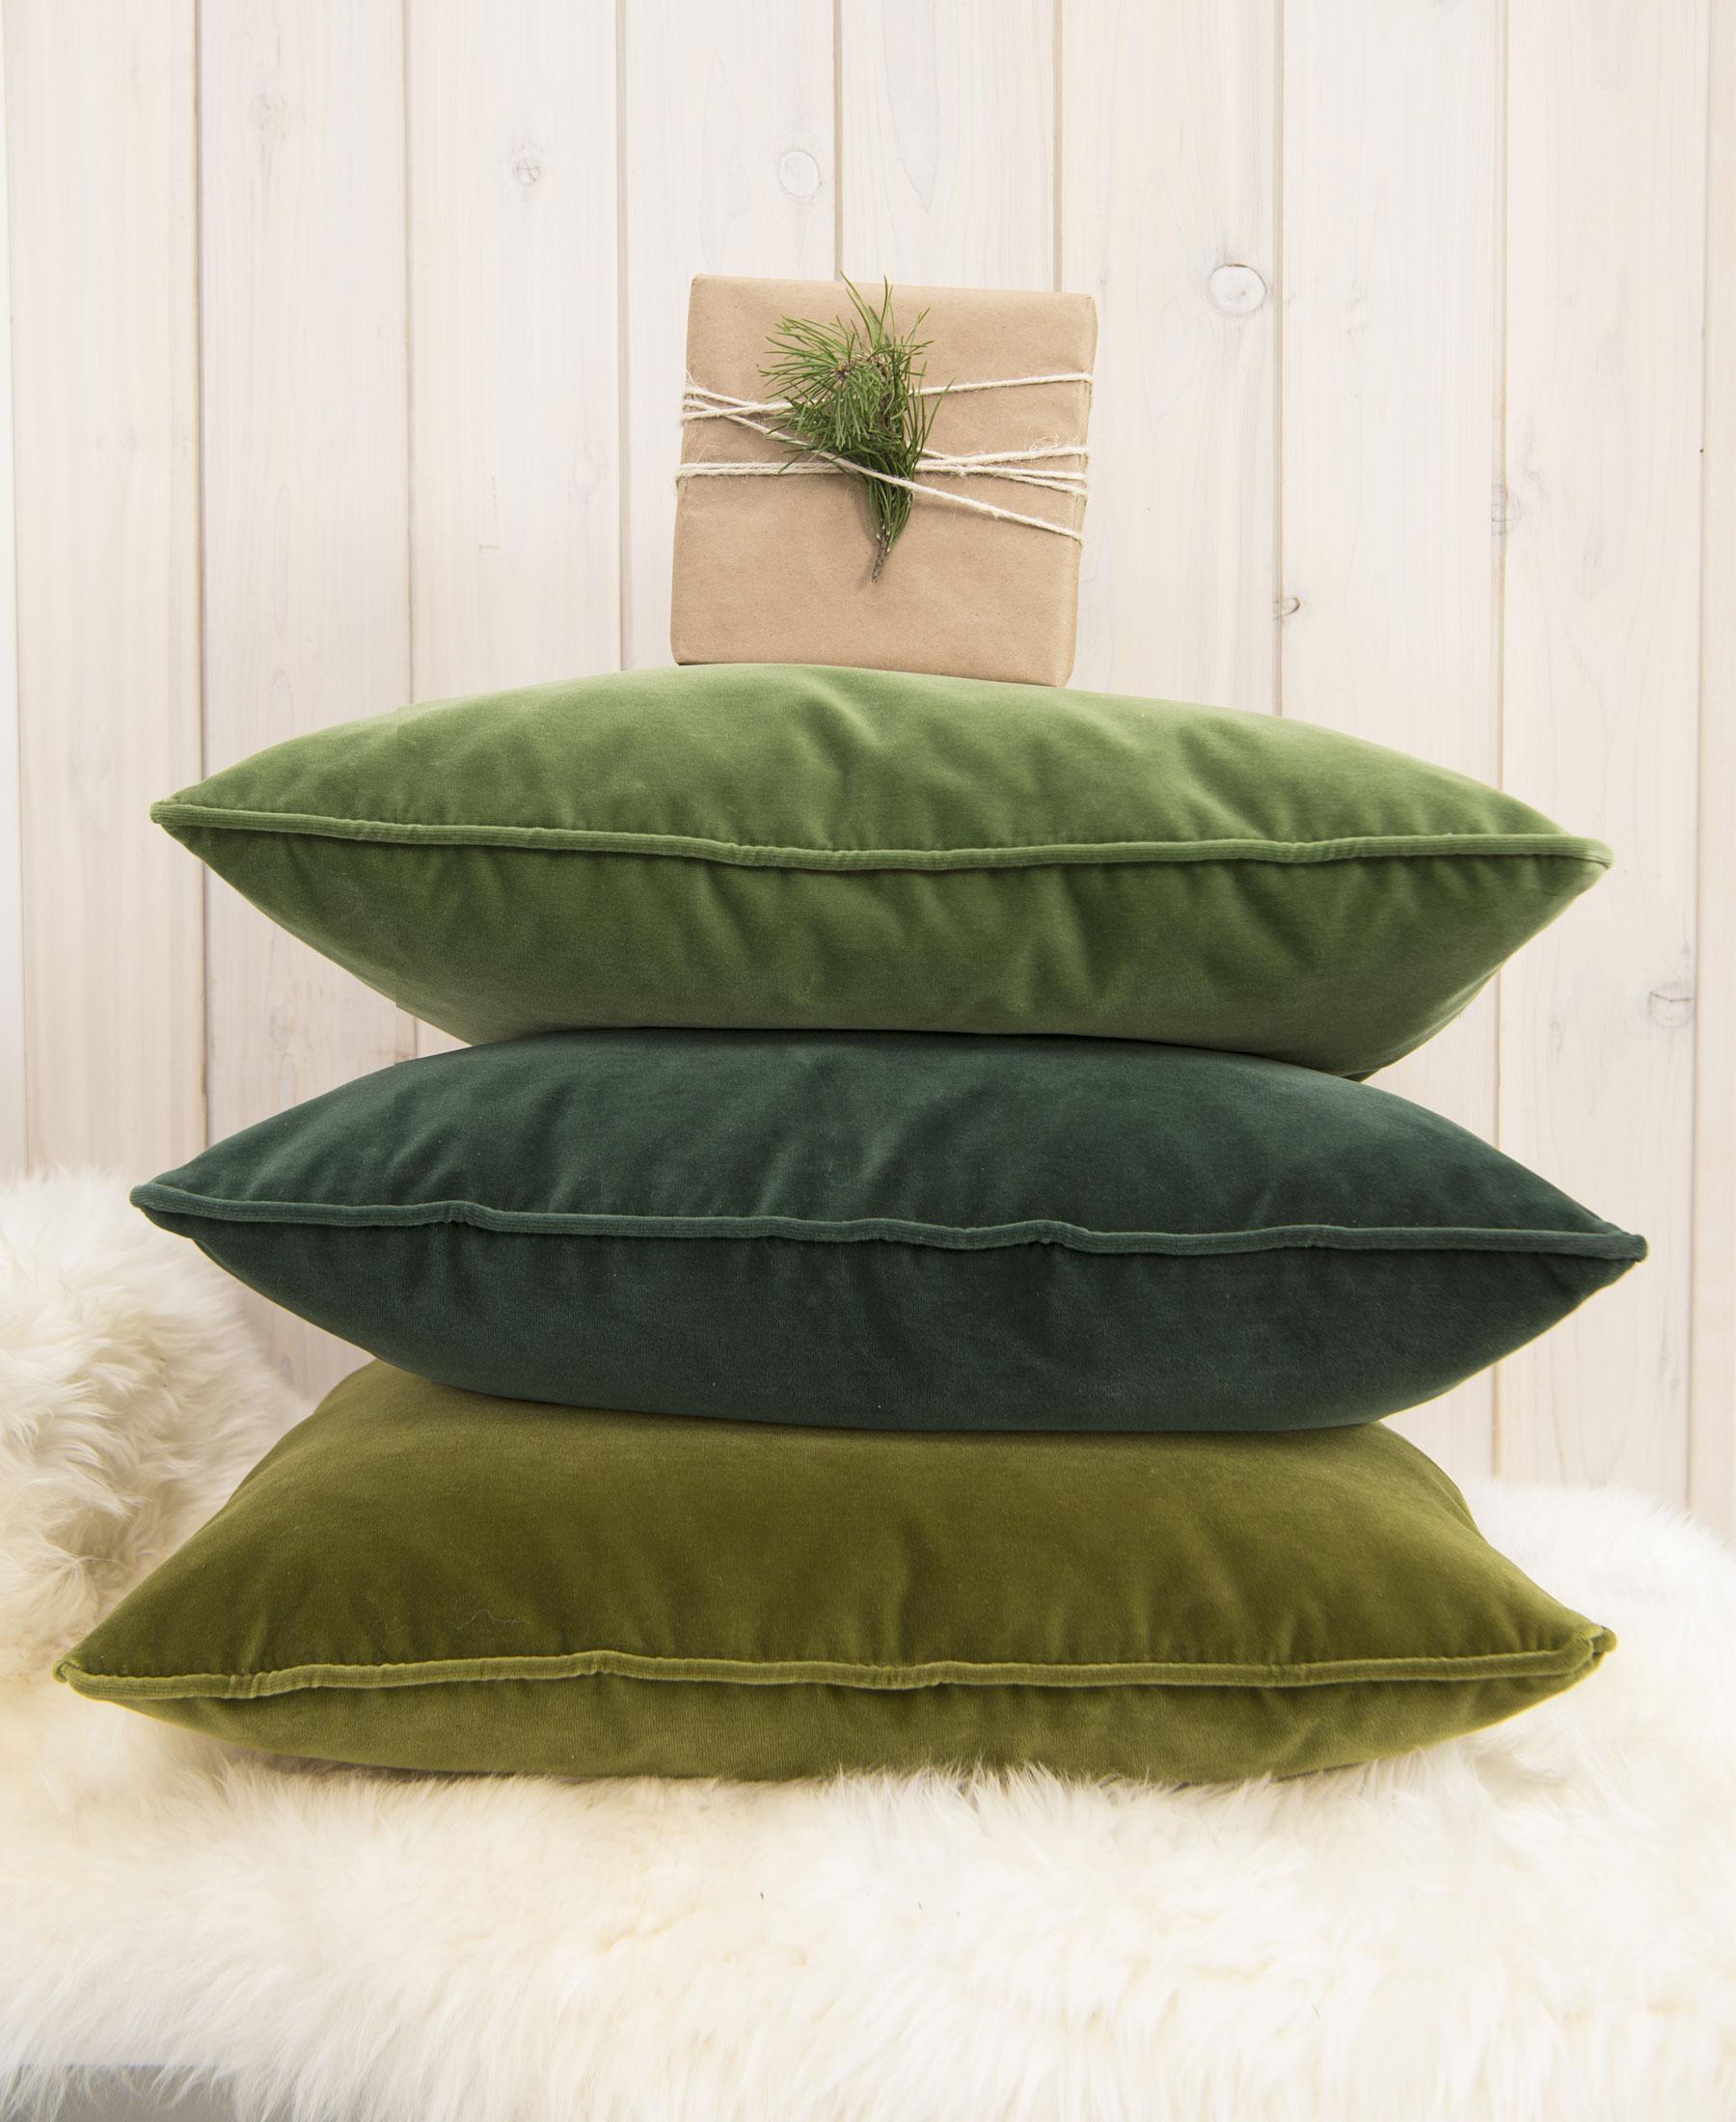 Stacked green velvet pillows.